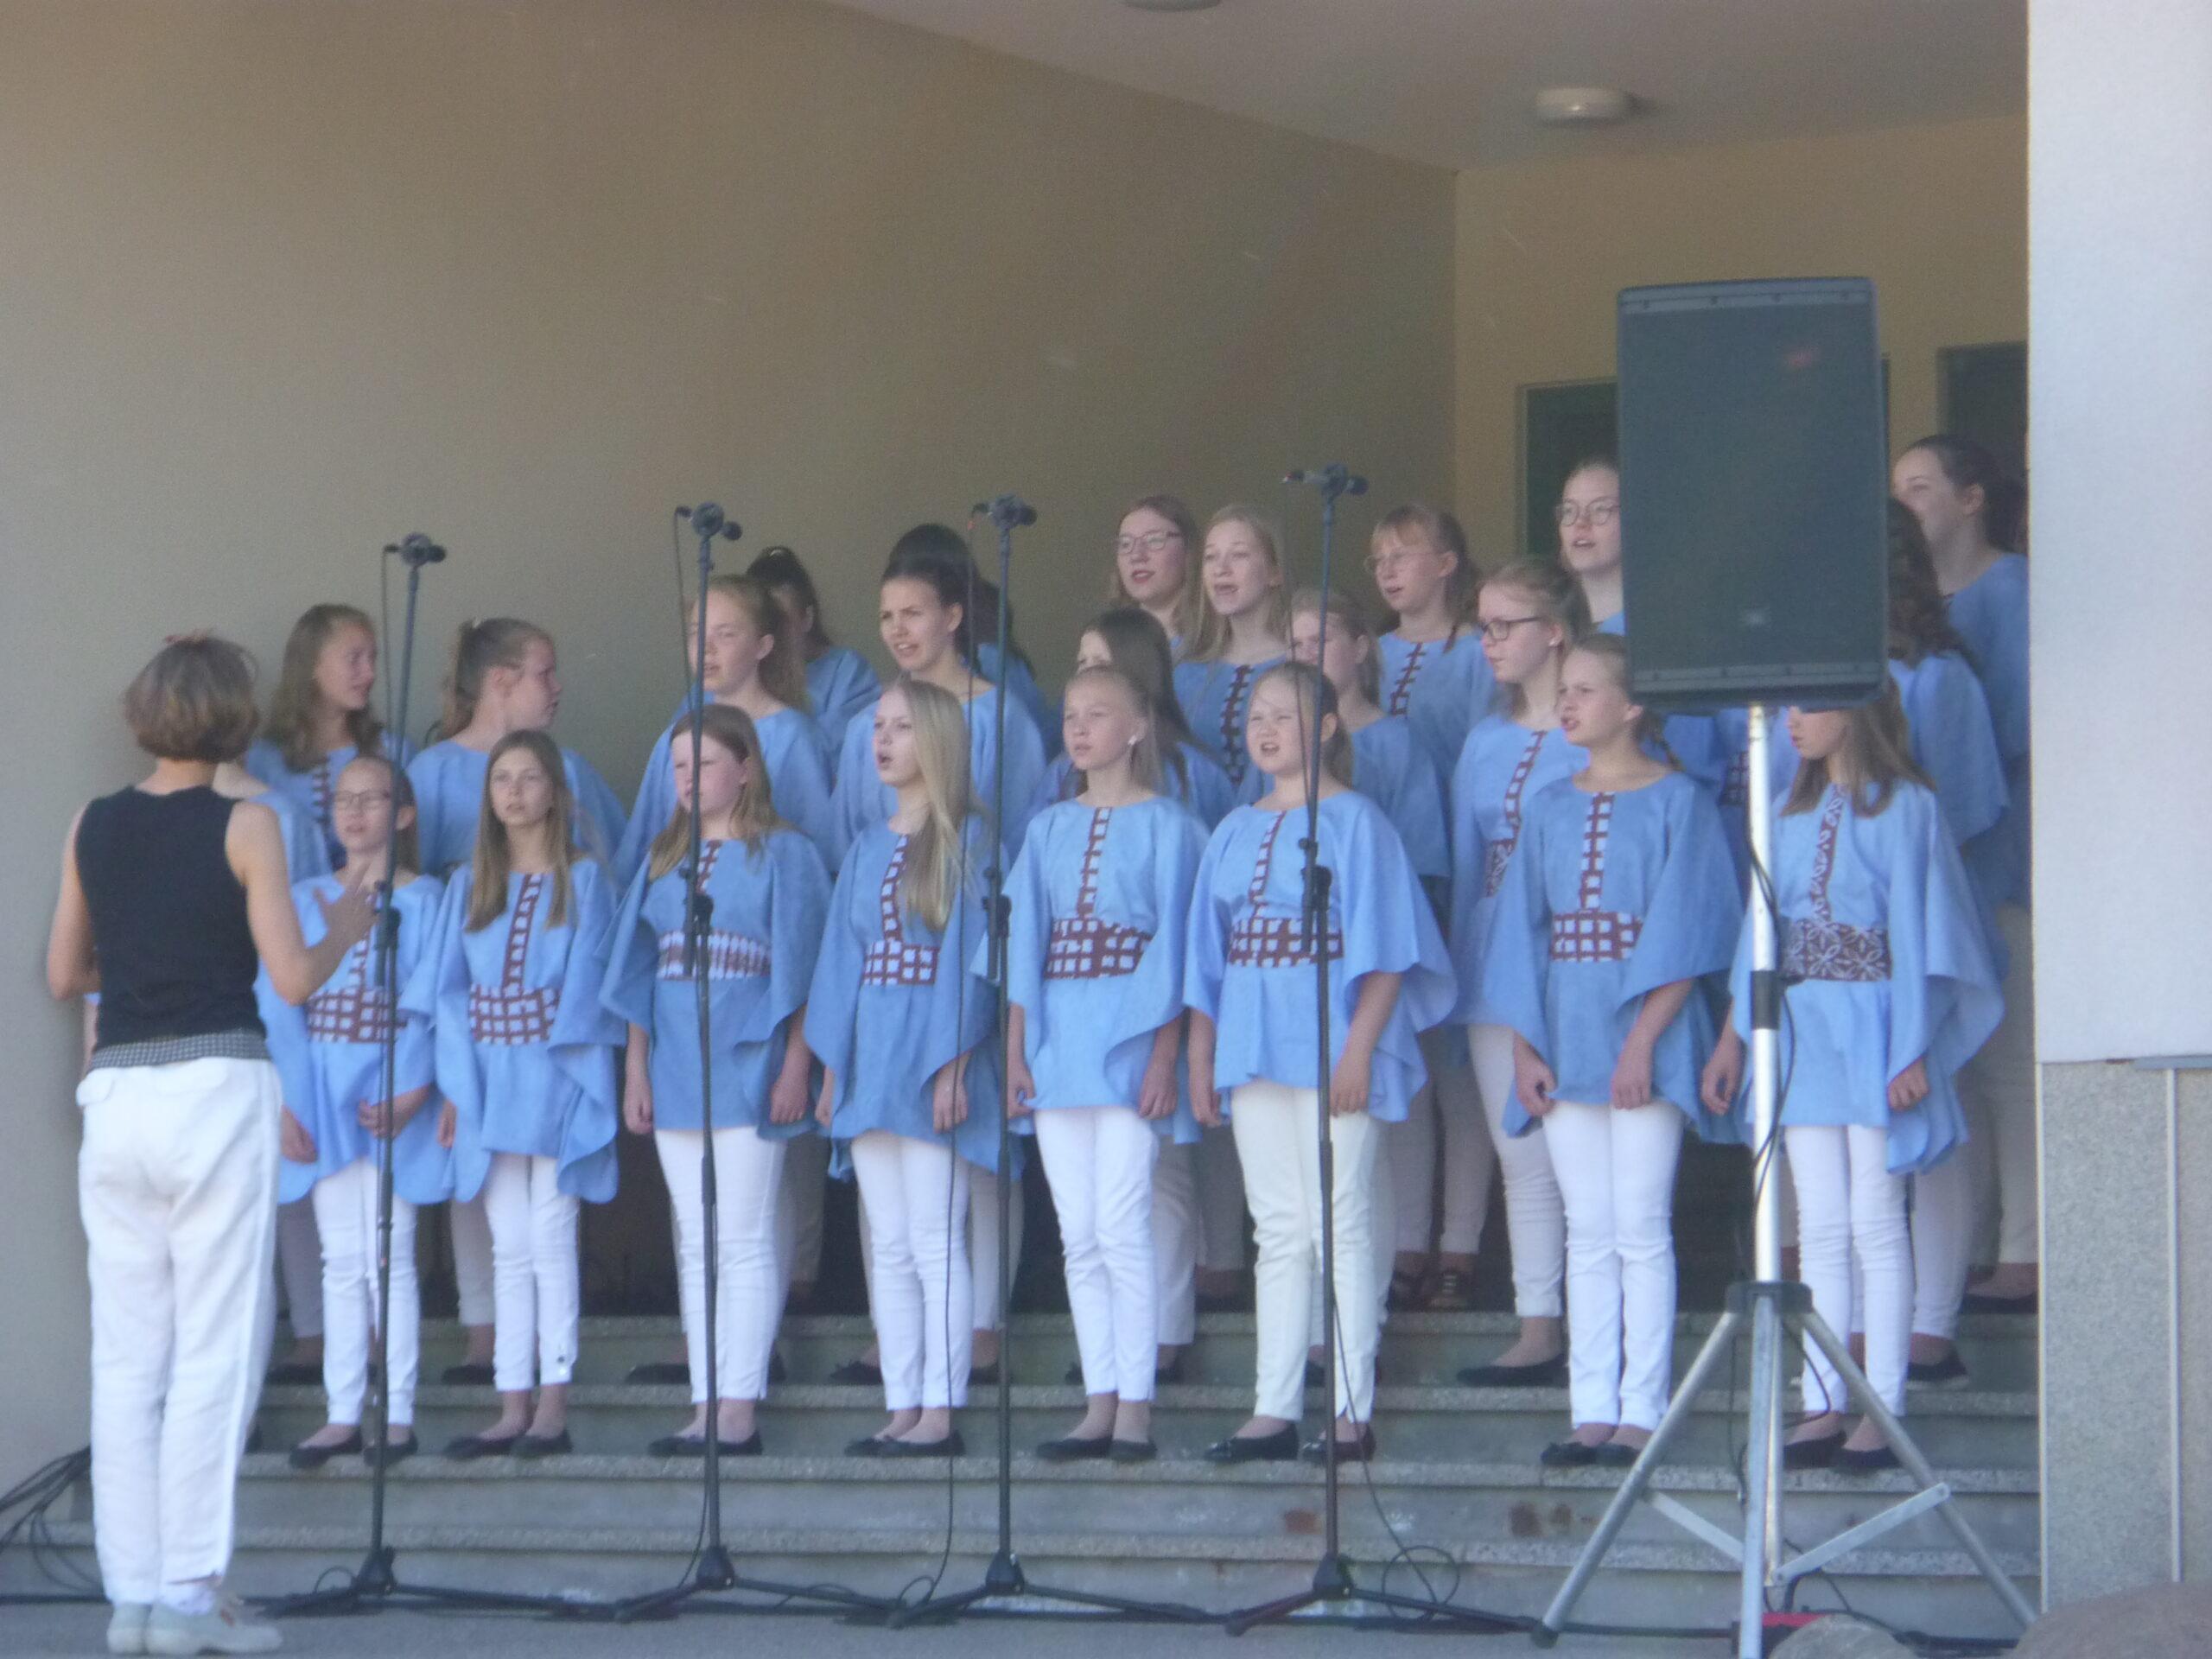 Nurmijärvi neidude koor Laululuiged 1 (4)